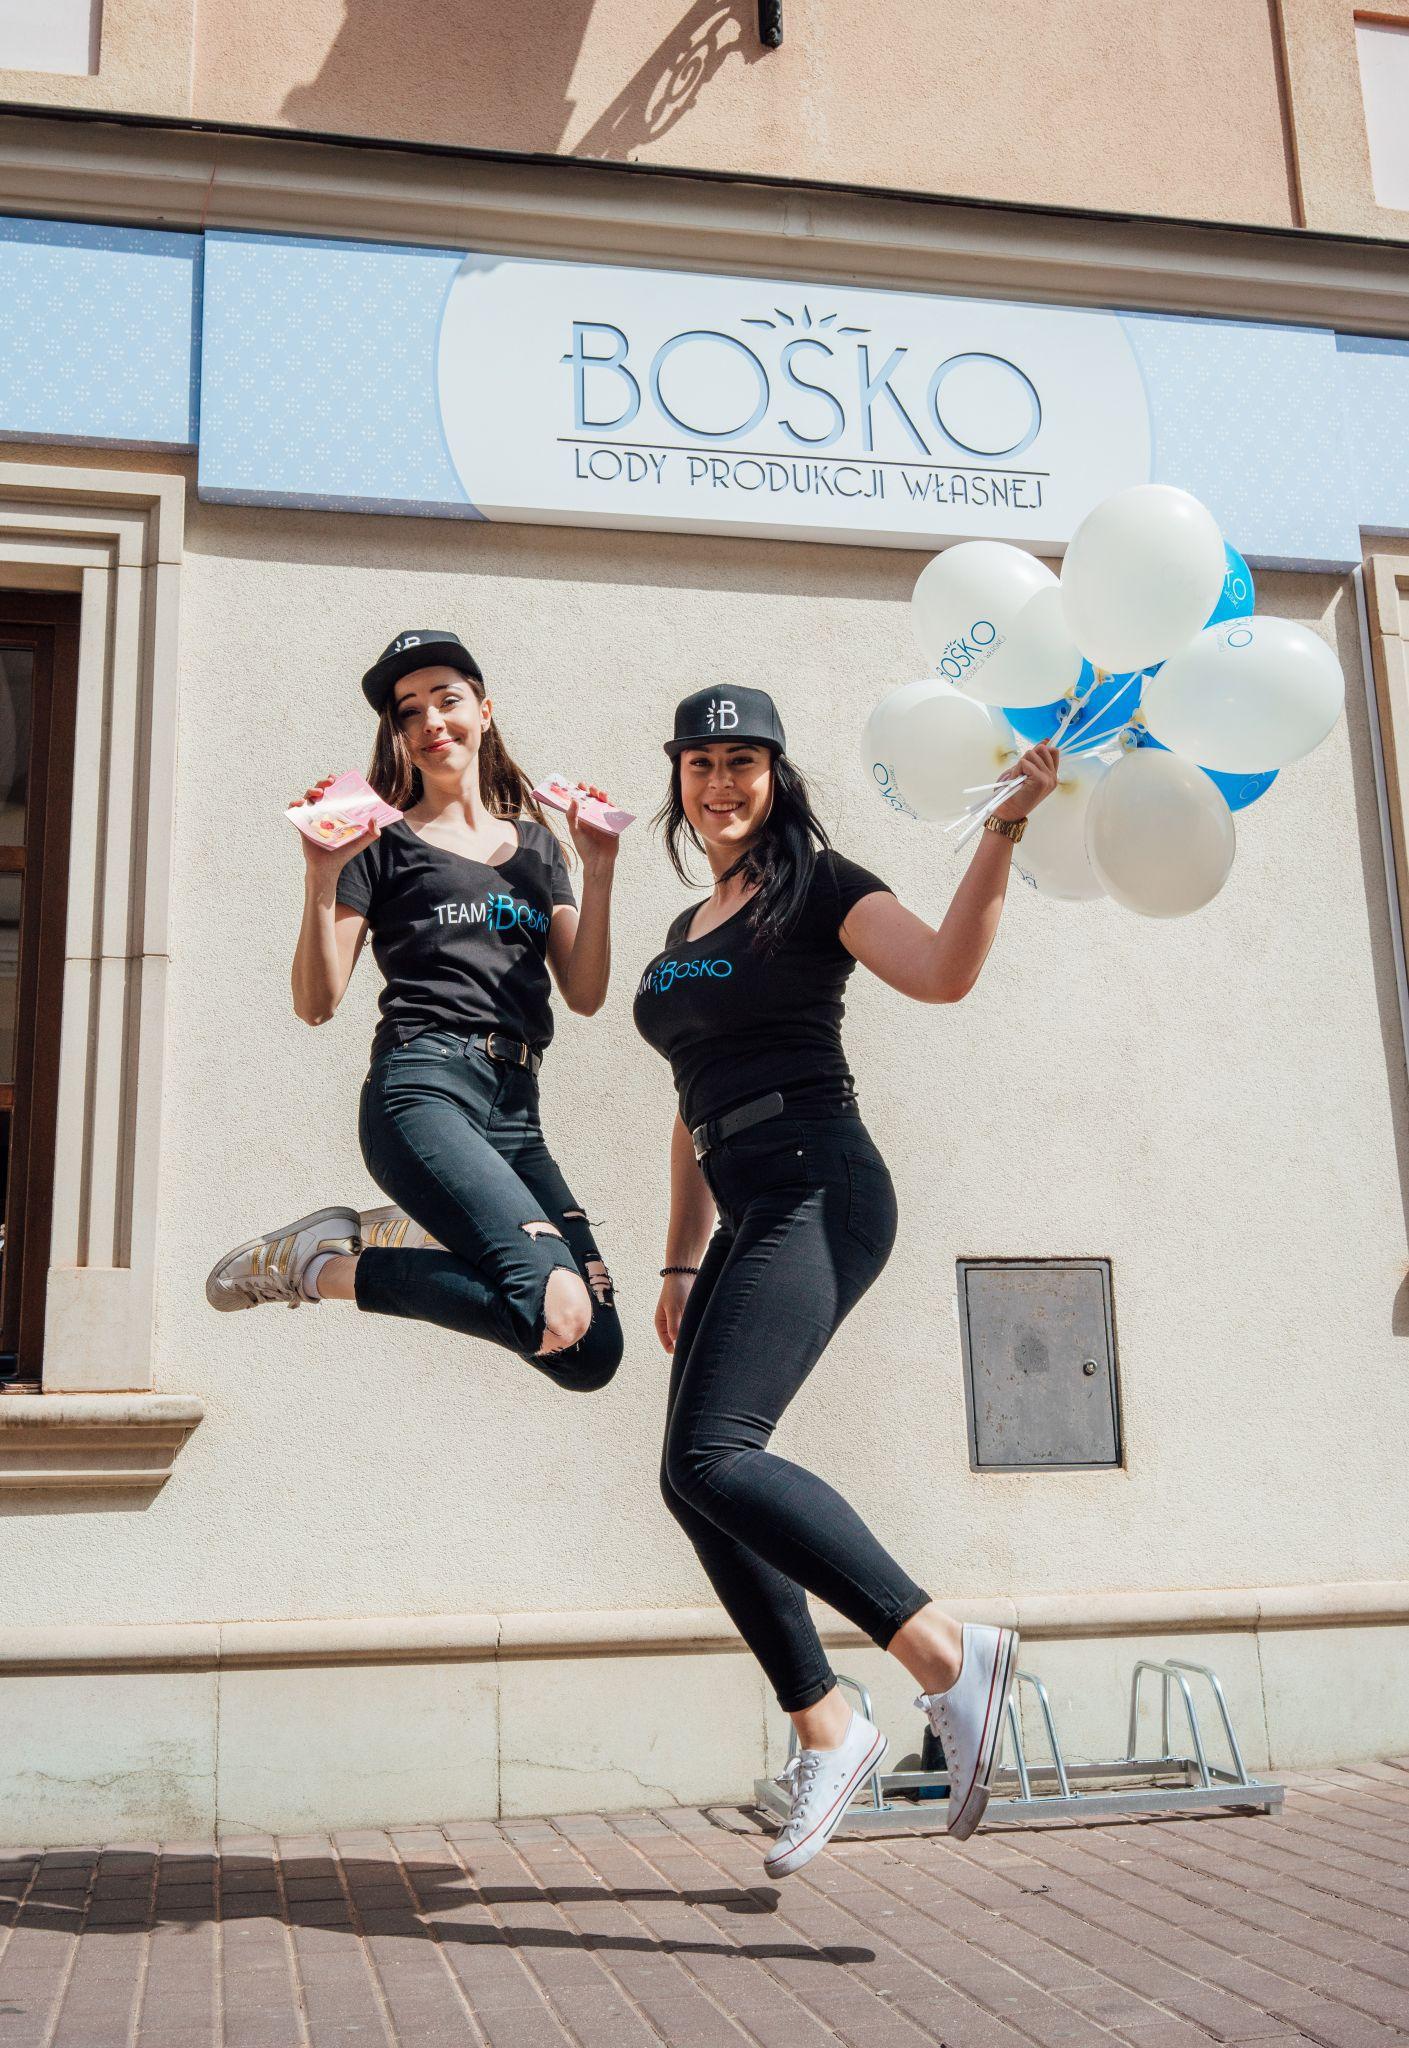 dsc01326 Otwarcie pierwszej lodziarni BOSKO!